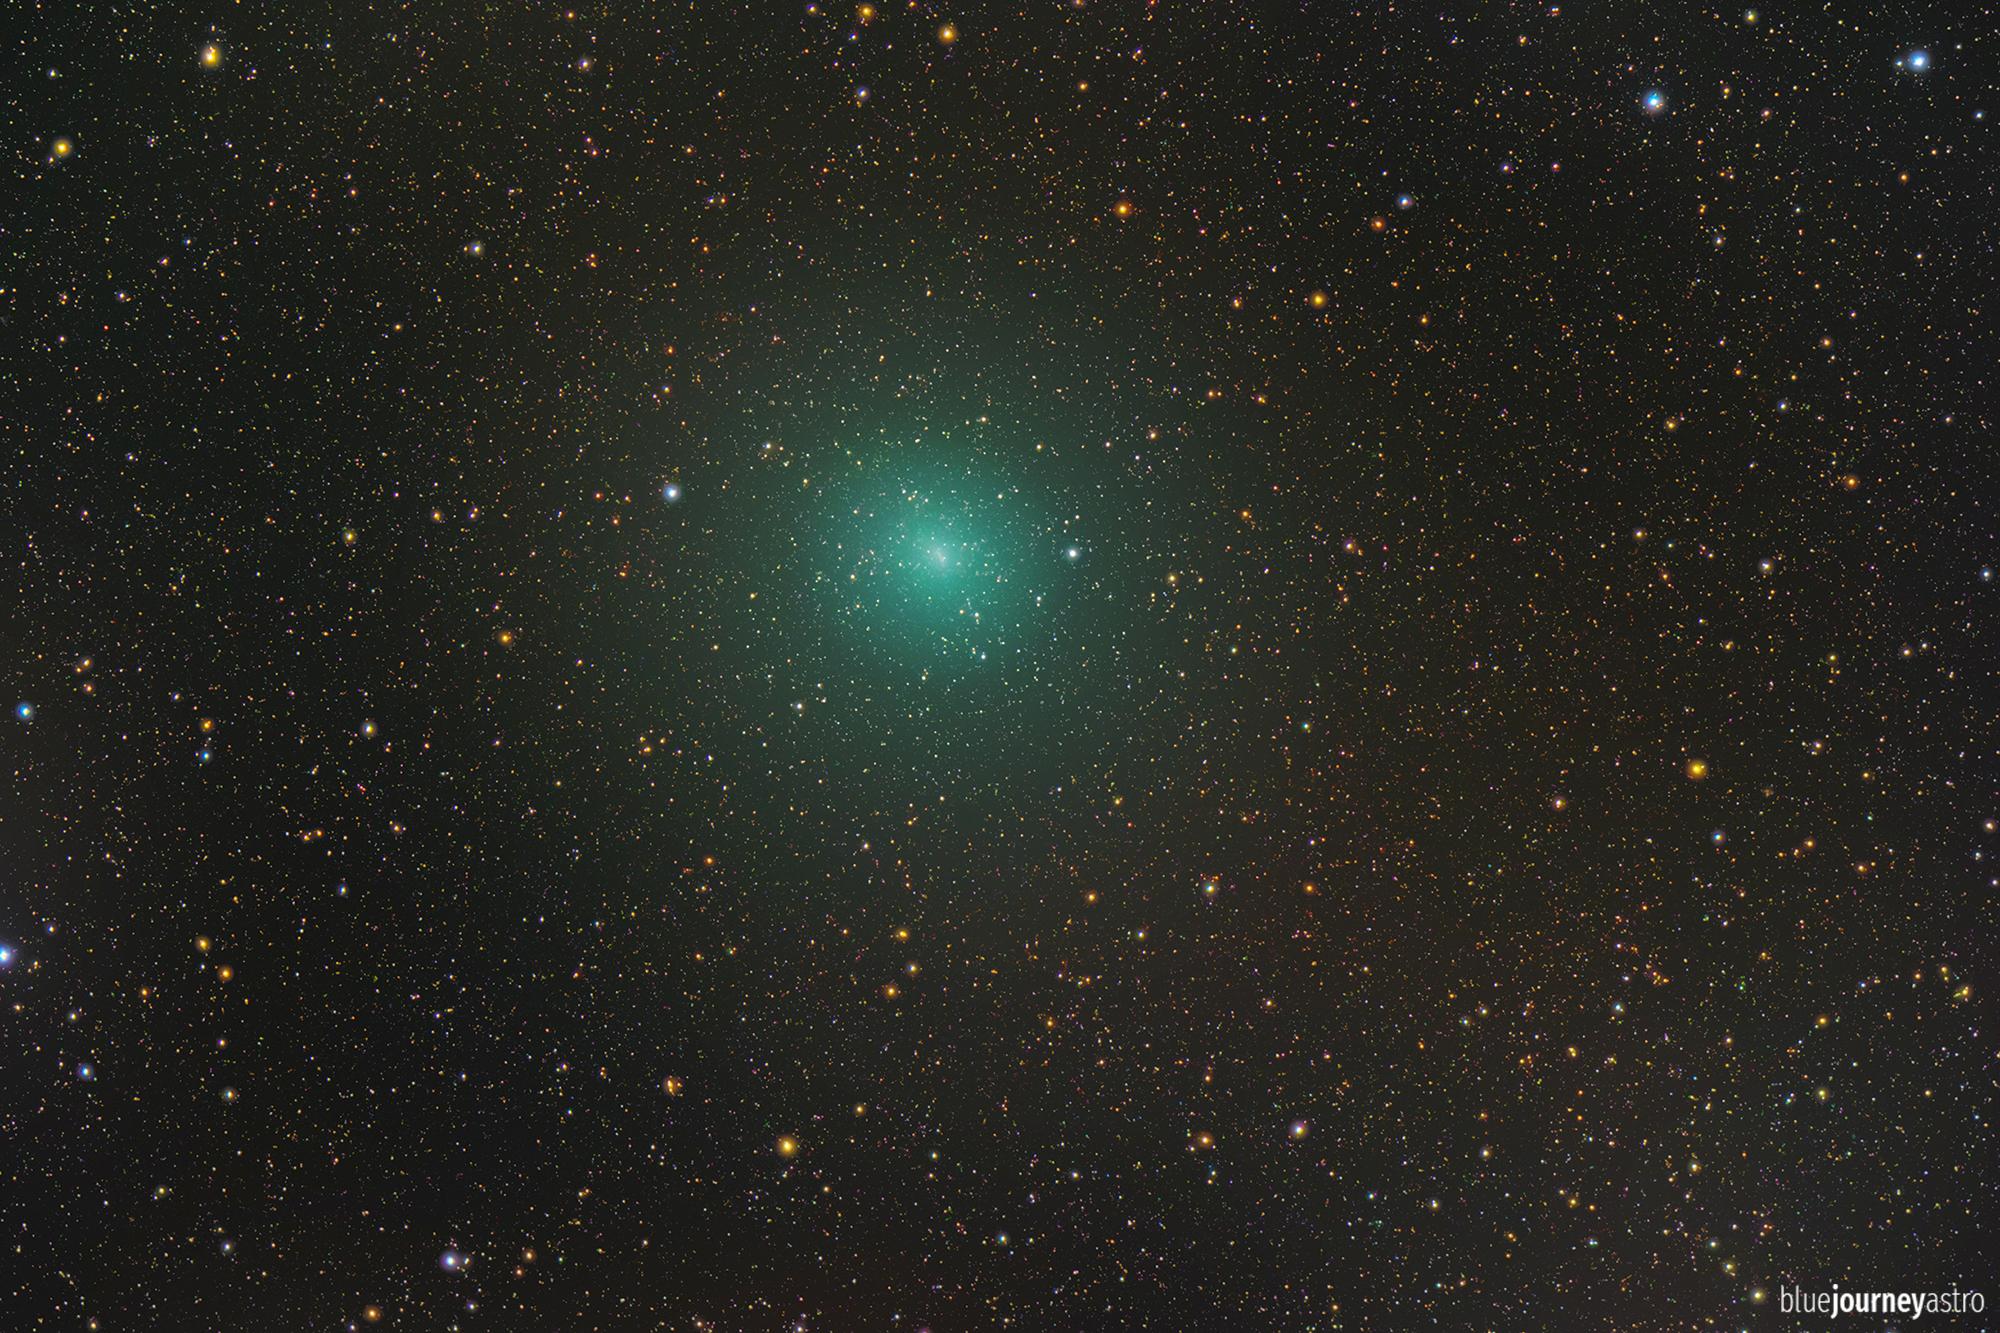 45p comet honda Mrkos Pajdušáková